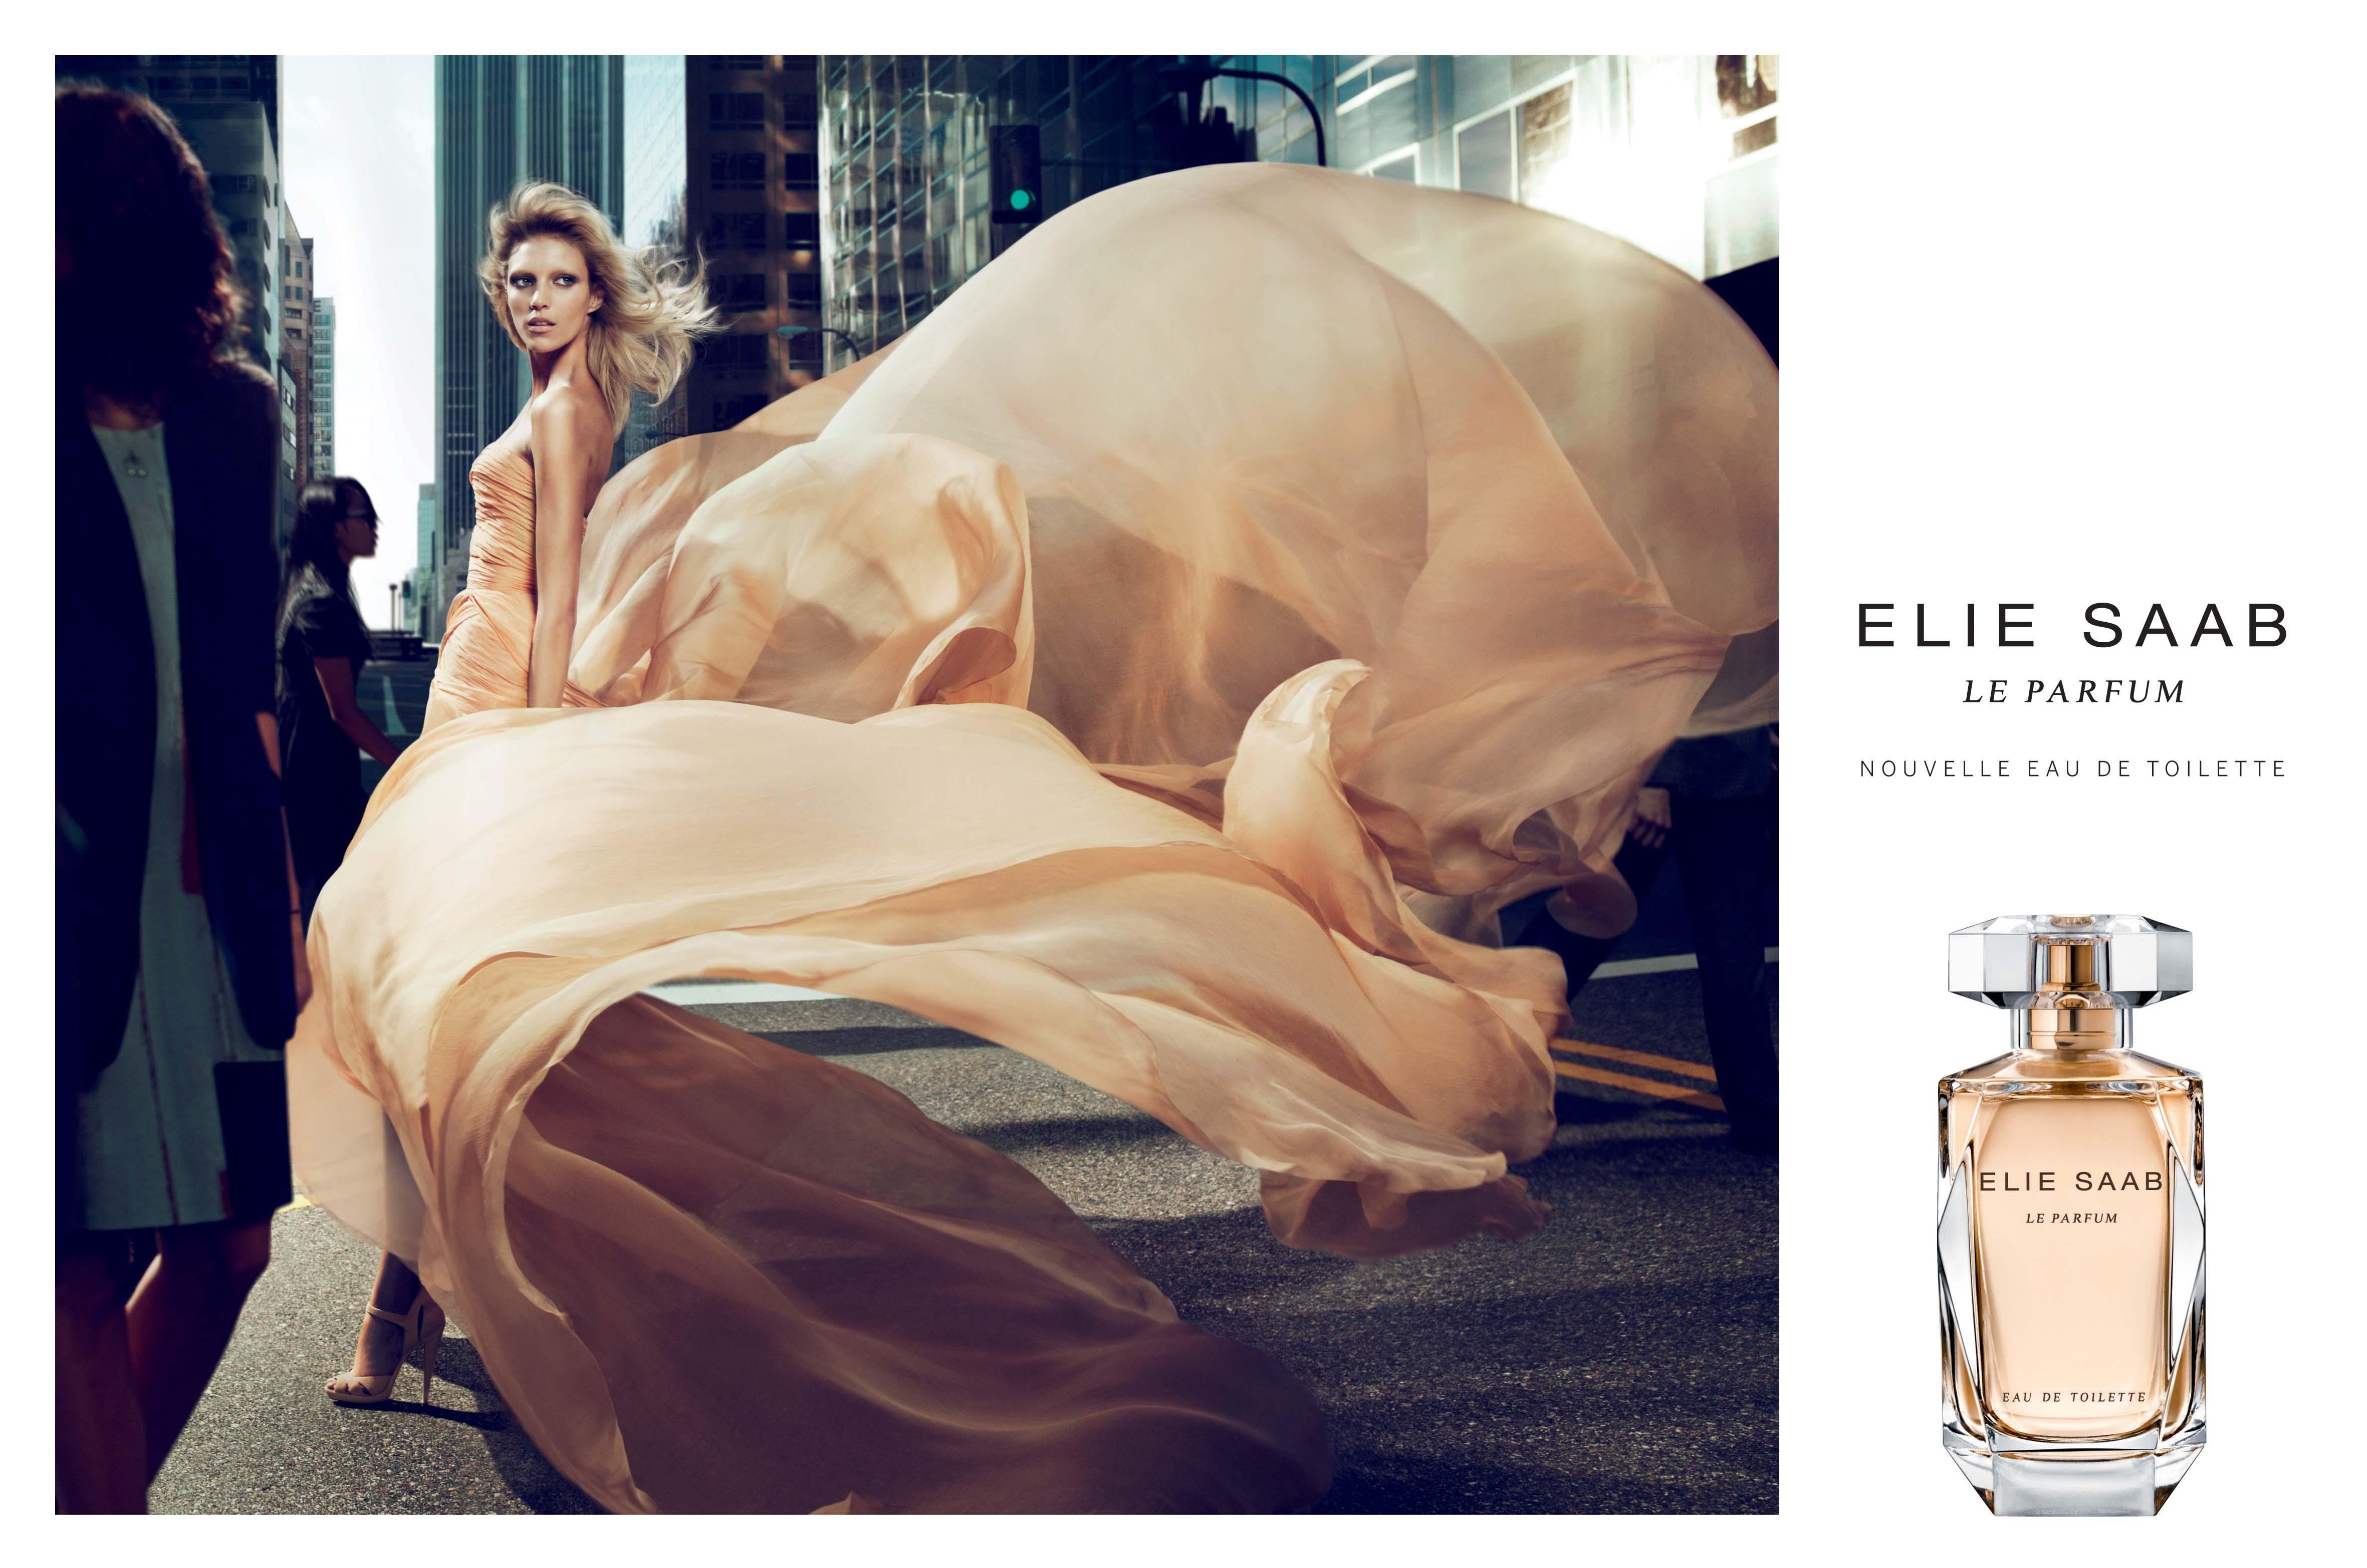 ES EDT 400X265.indd Elie Saab Advert